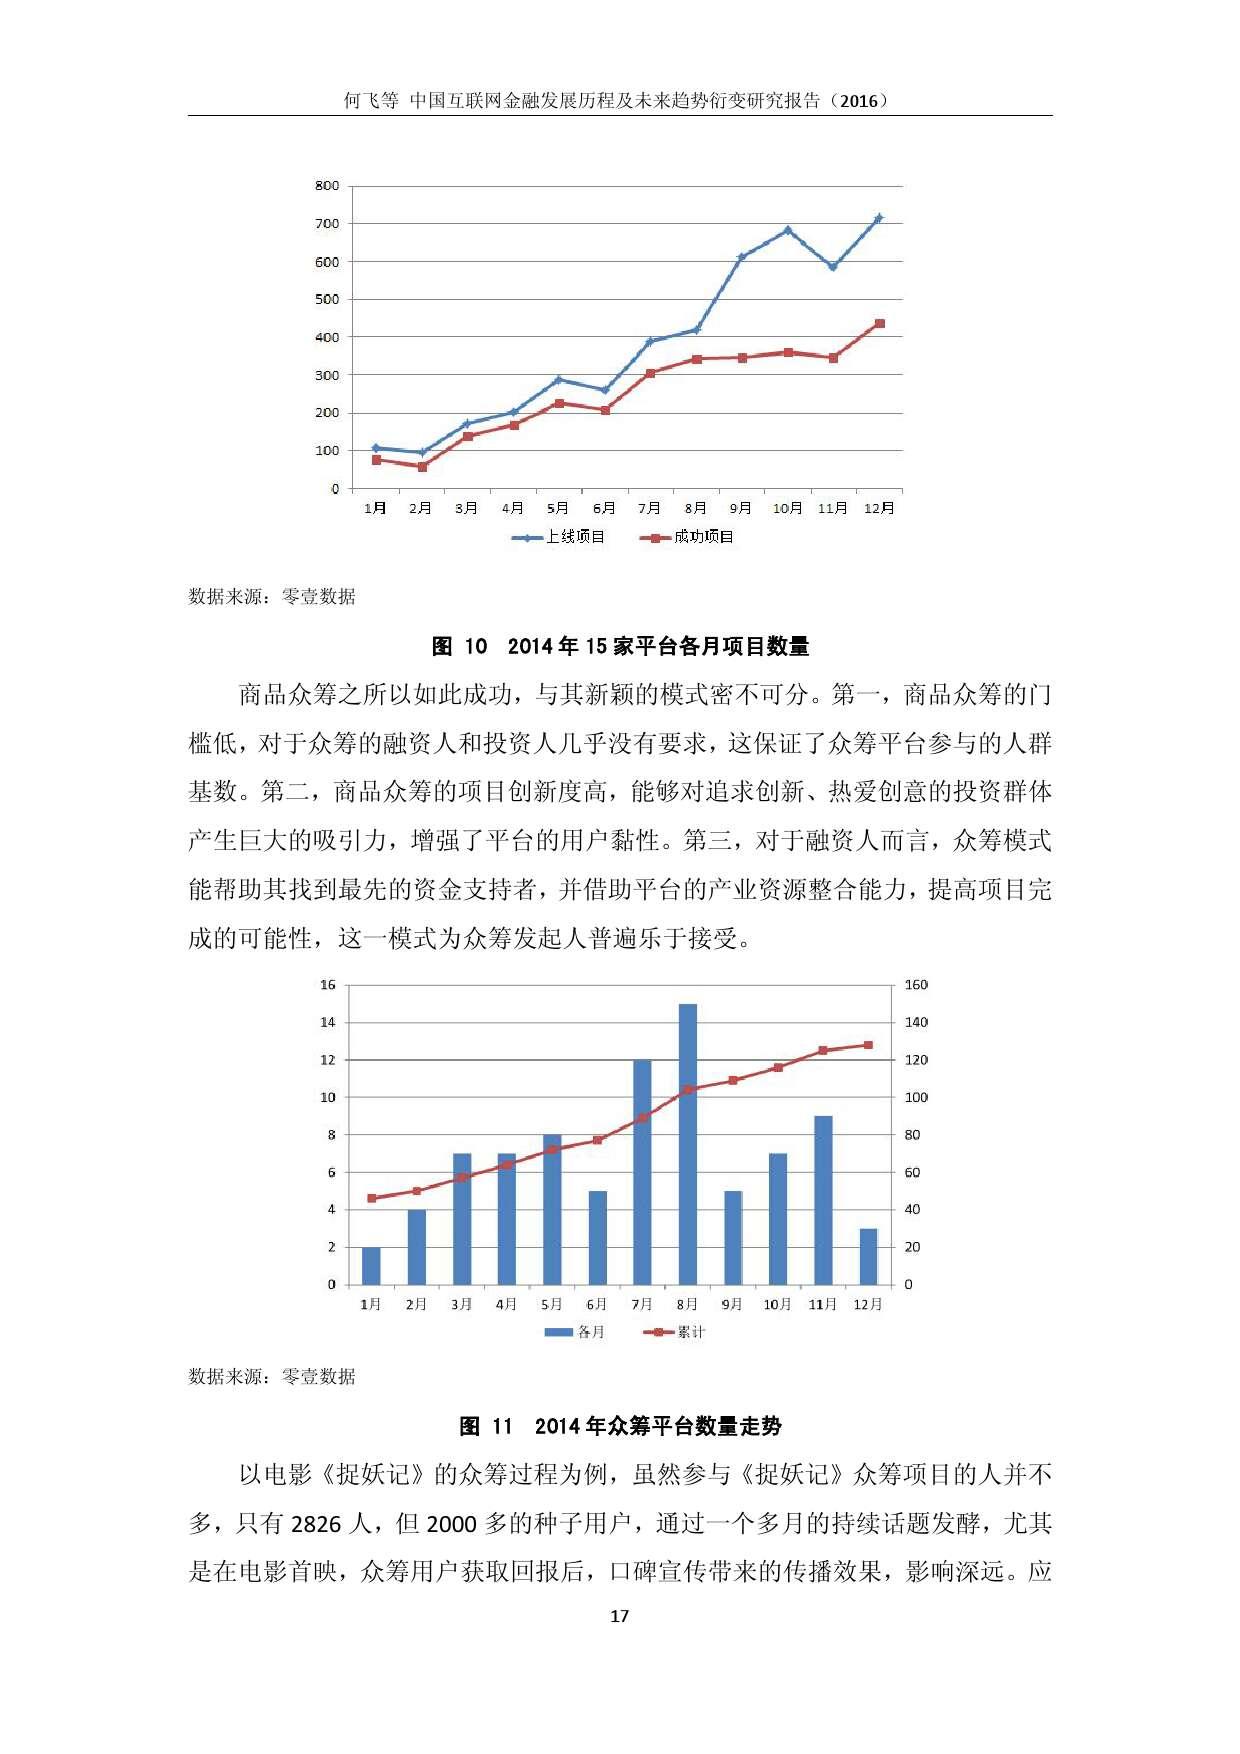 中国互联网金融发展历程及未来趋势衍变研究报告(2016)_000022